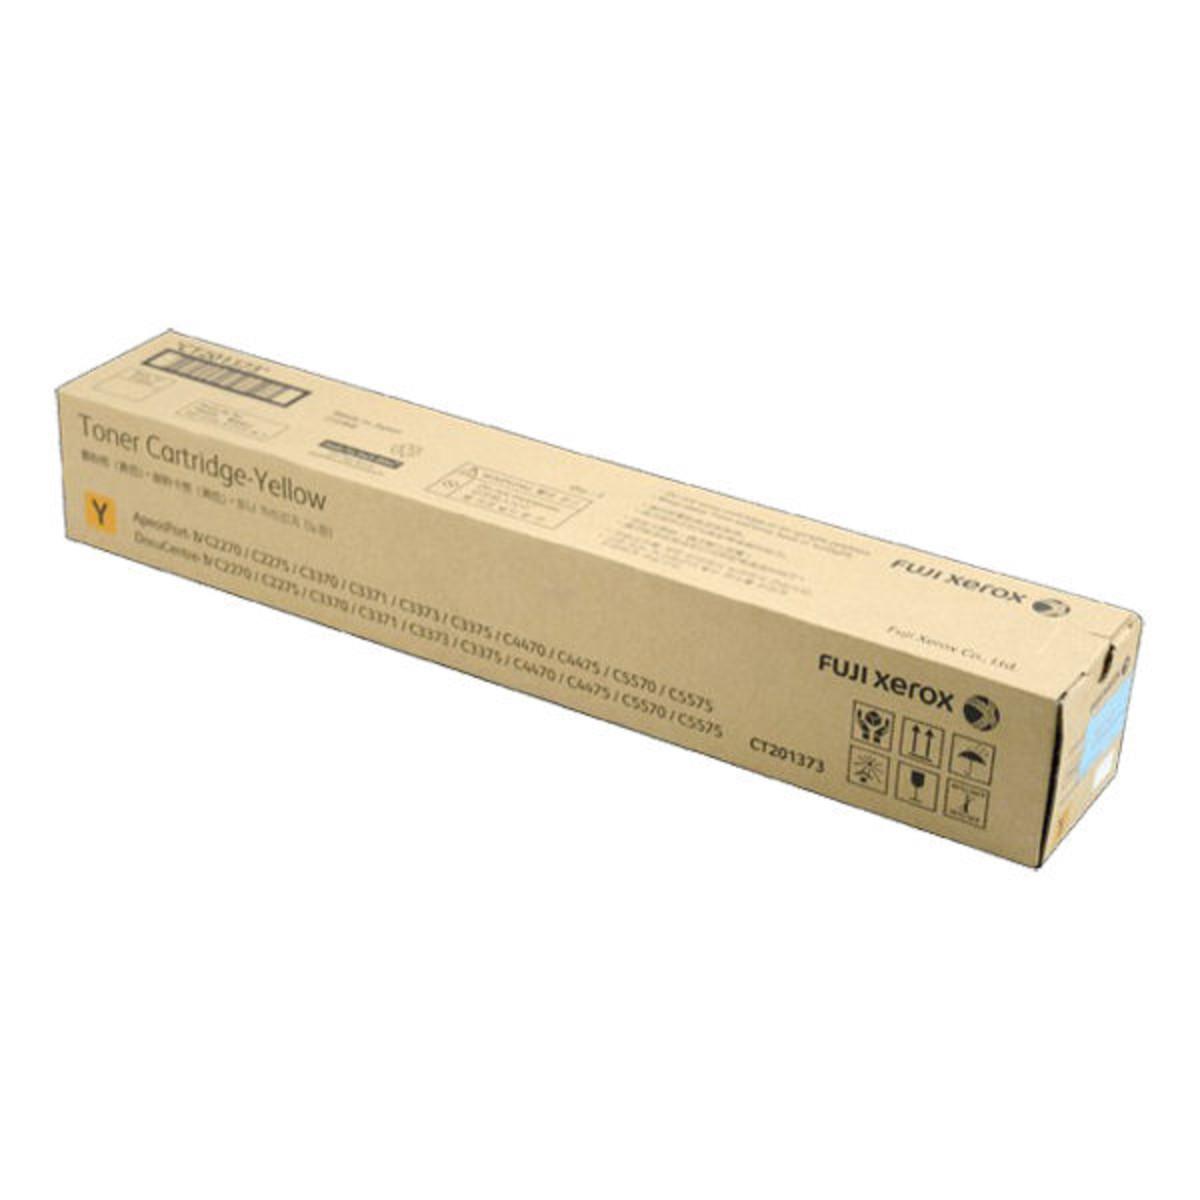 Xerox CT201373 Yellow Toner Cartridge